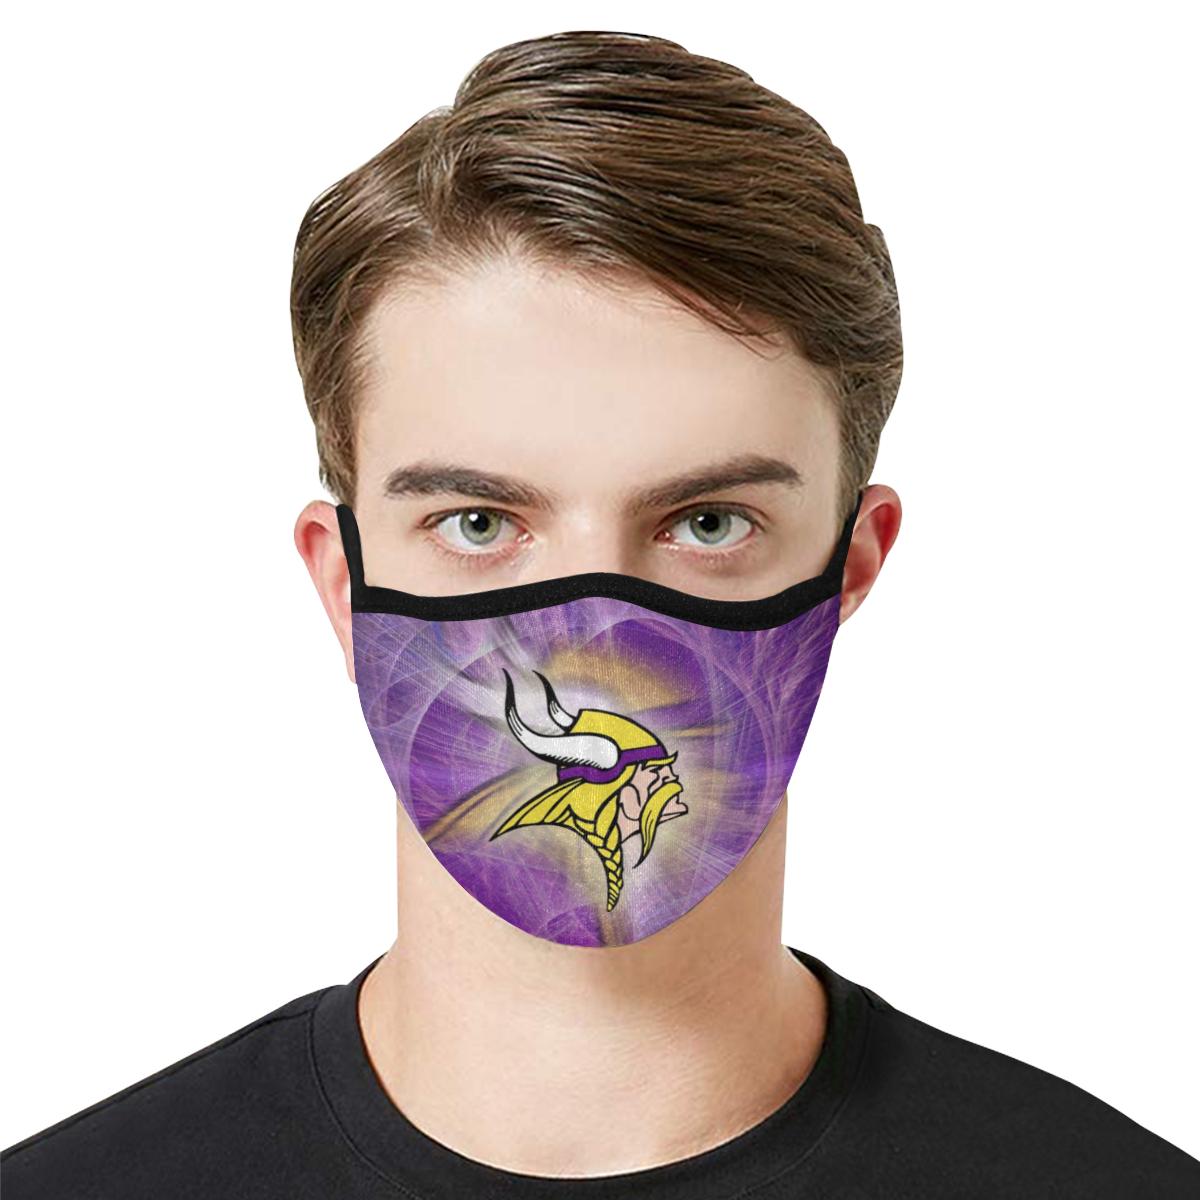 National football league minnesota vikings cotton face mask 1